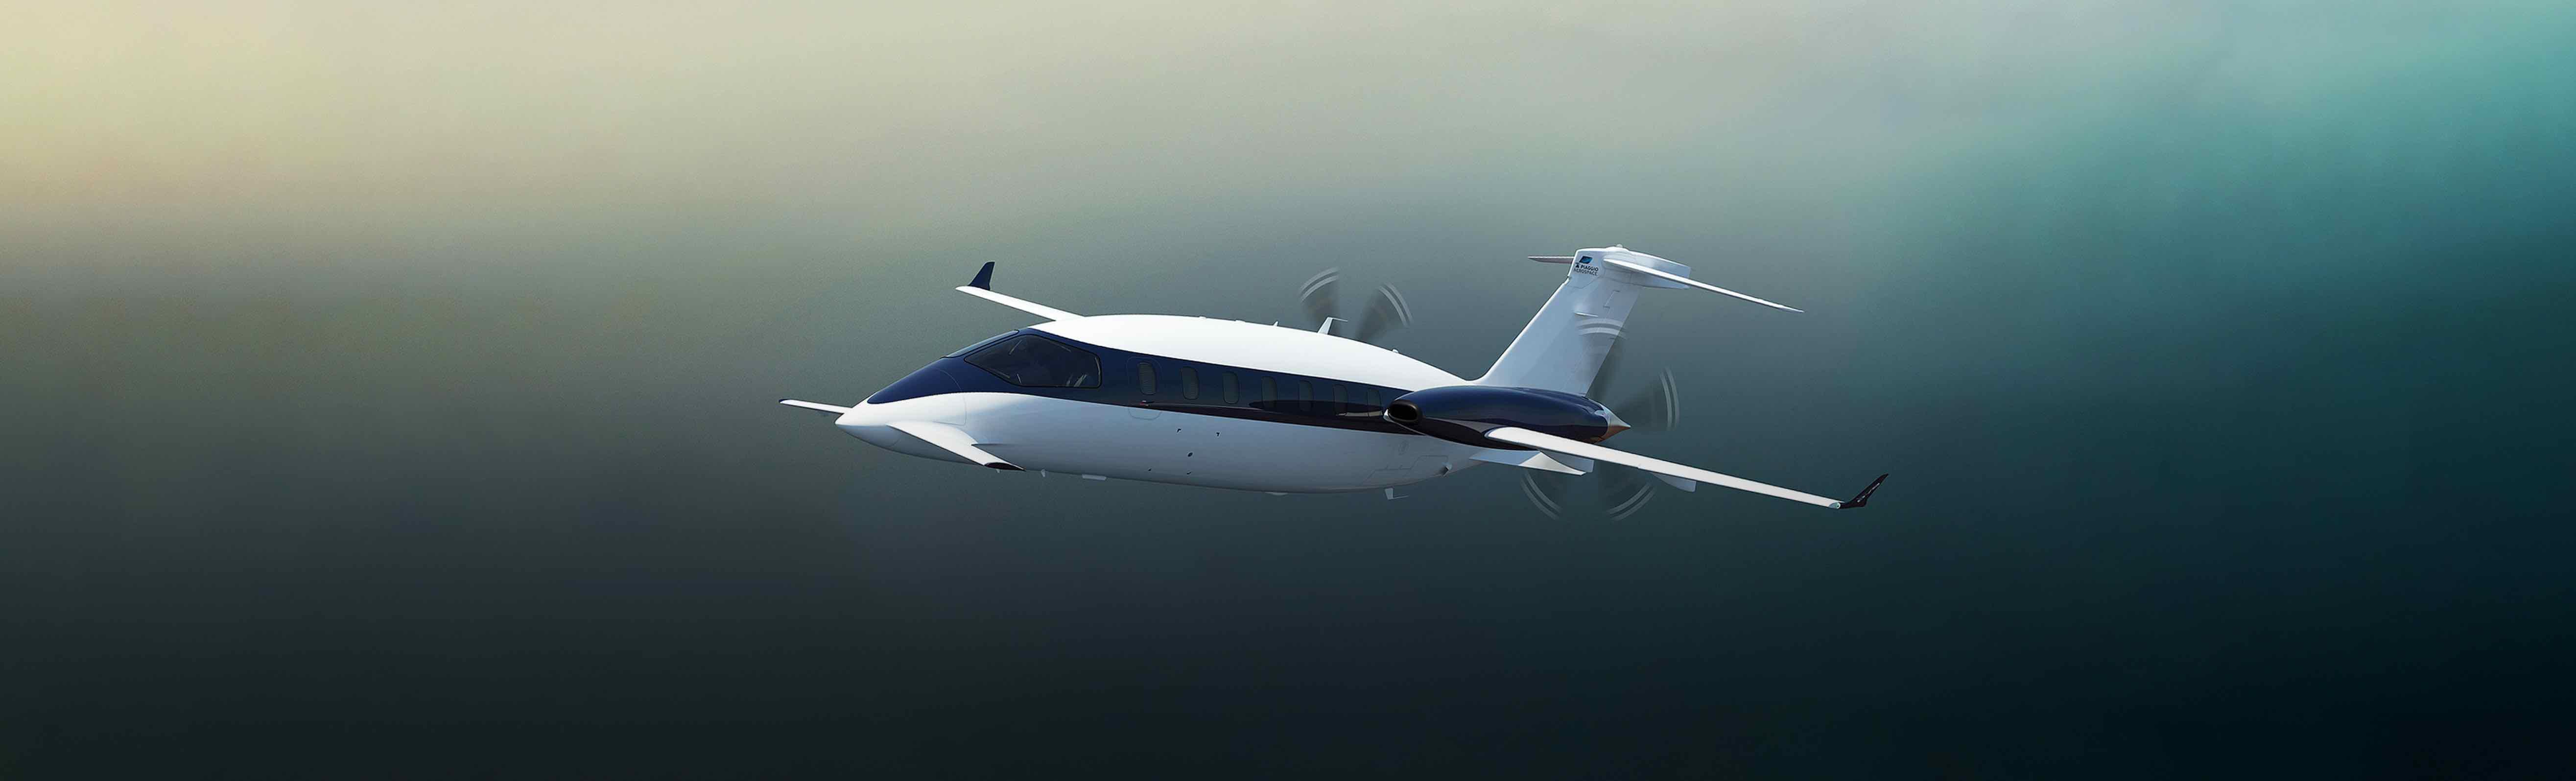 渦輪螺旋槳飛機<br />